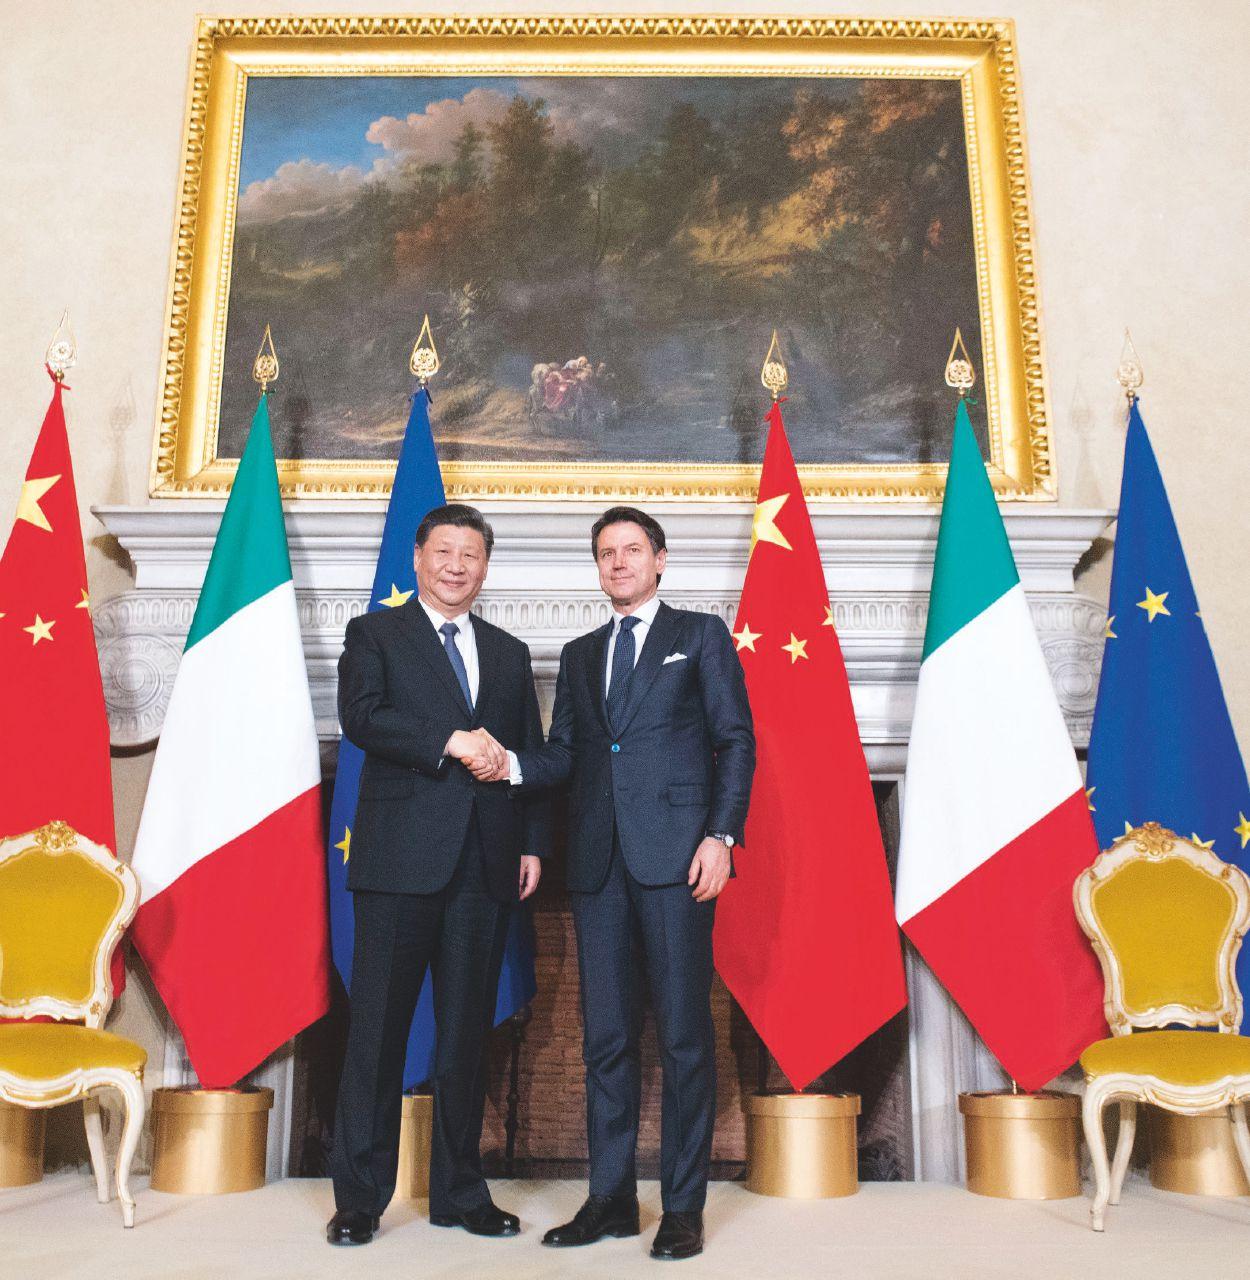 """Sul Fatto del 24 Marzo: per Xi Jinping il memorandum è """"un successo"""", Salvini lo attacca per compiacere gli Usa"""